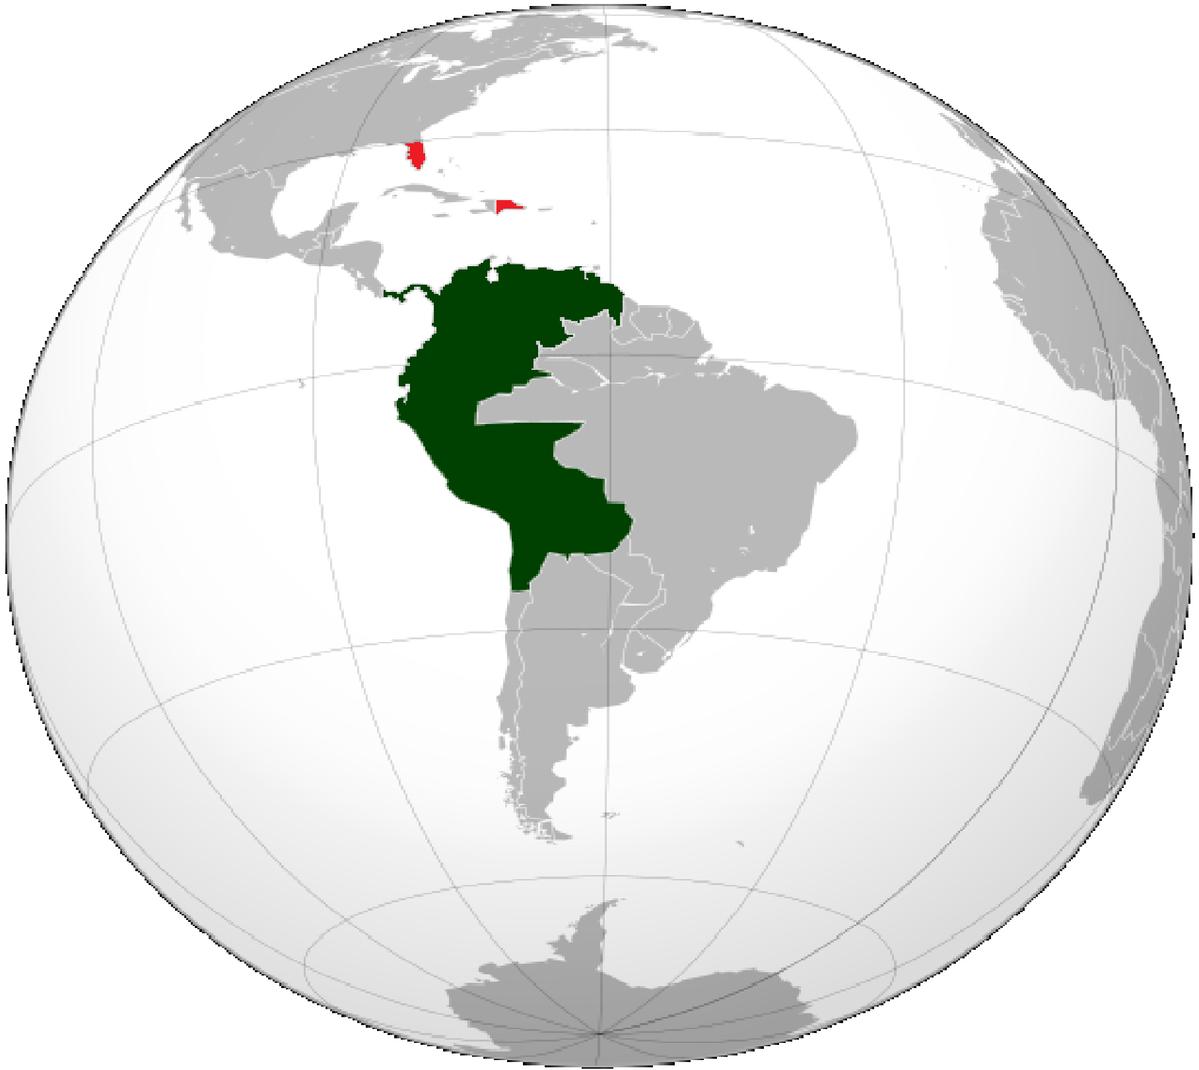 Los colombianos en su jornada diaria de trabajo - 3 2